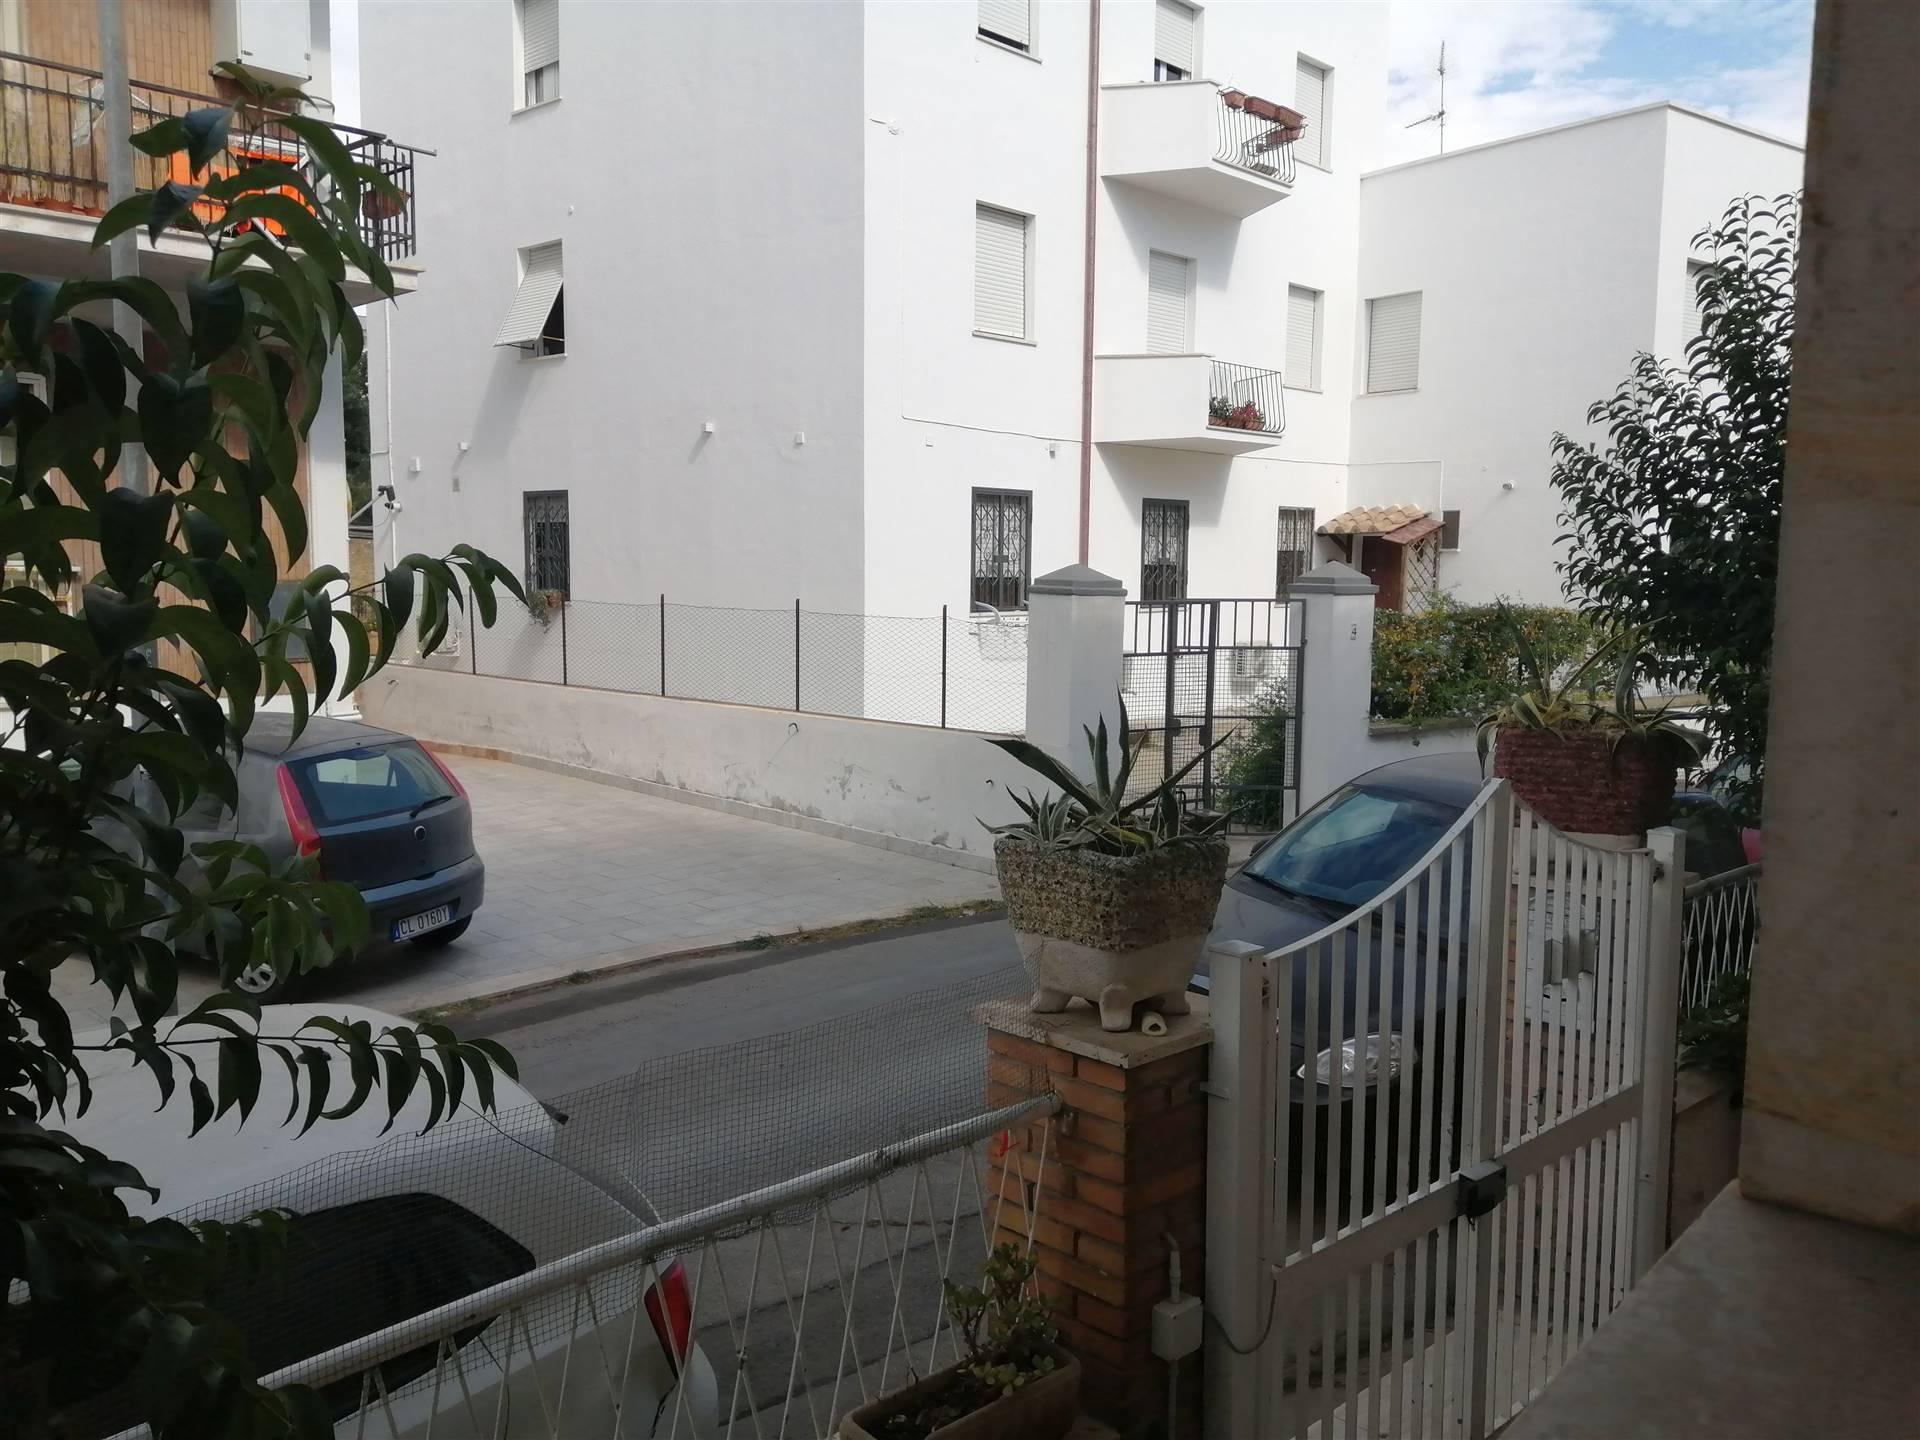 Civitavecchia - Borgo Odescalchi Appartamento trilocale in vendita. L'immobile al piano rialzato in una piccola ed elegante palazzina è così composto: salone, cucina abitabile, ampio disimpegno, due